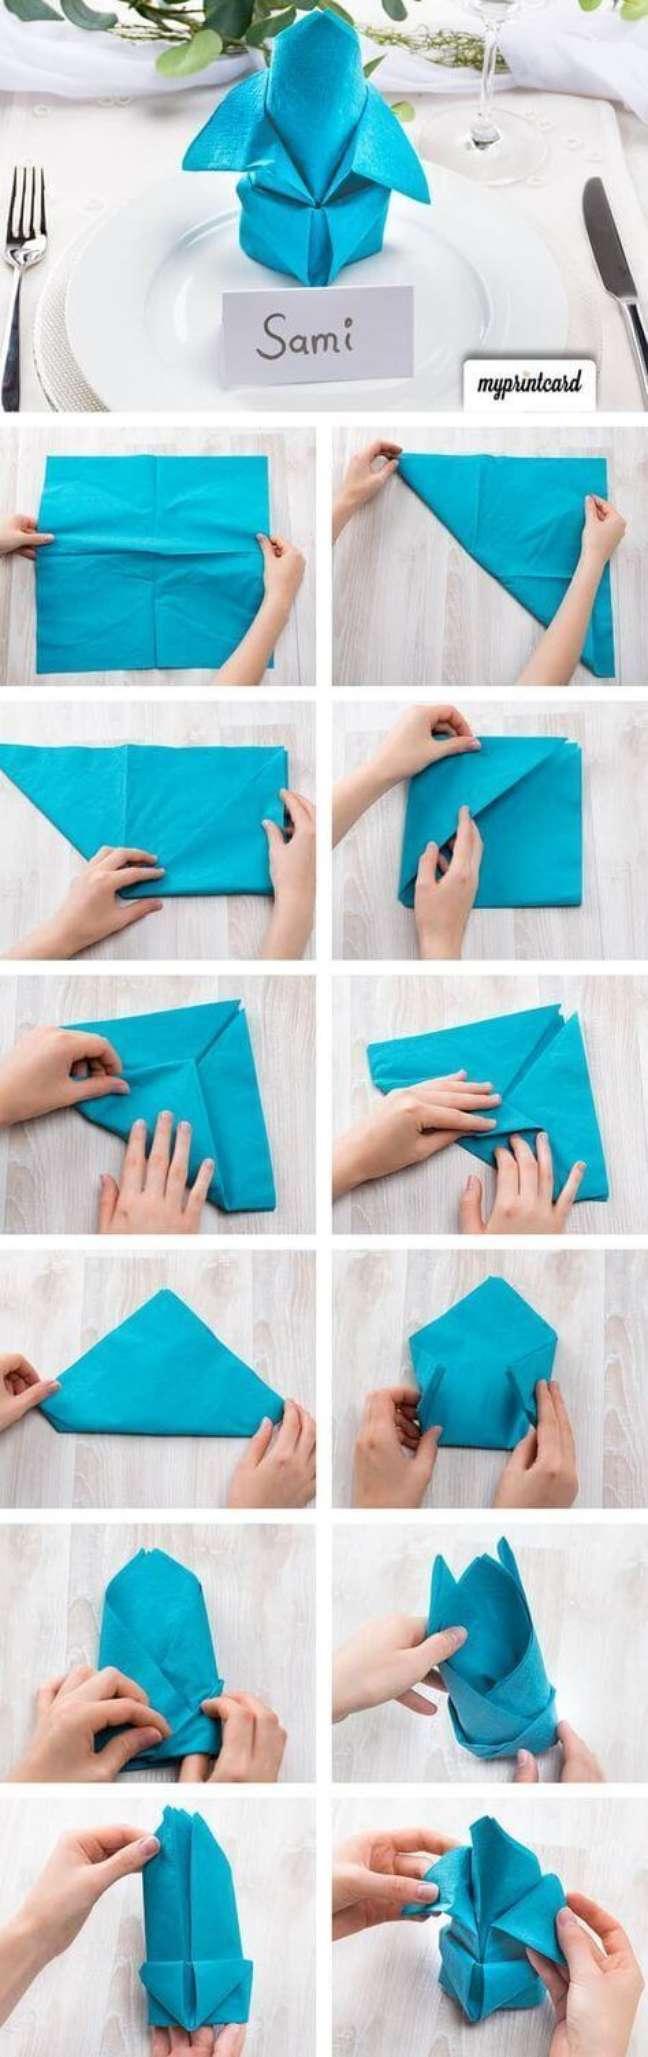 33. Tutorial como dobrar guardanapo de pano – Via: Pinterest